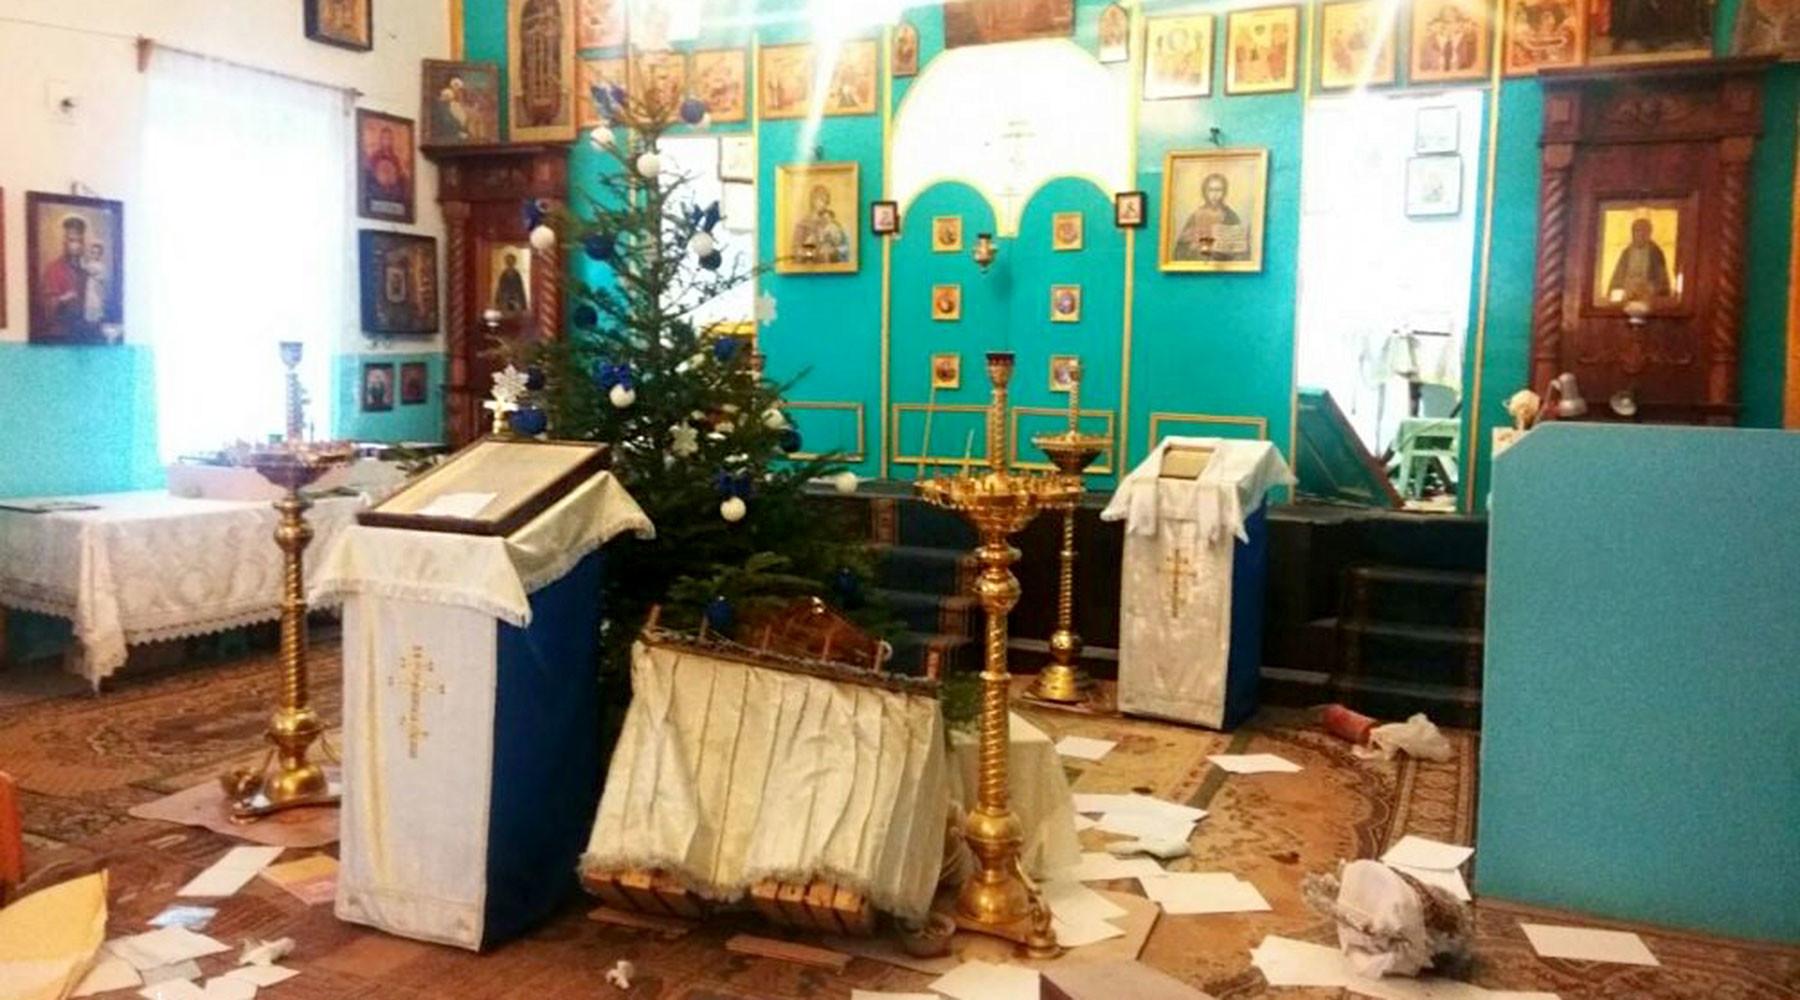 радикалы совершили нападение на храм УПЦ Московского патриархата под Одессой